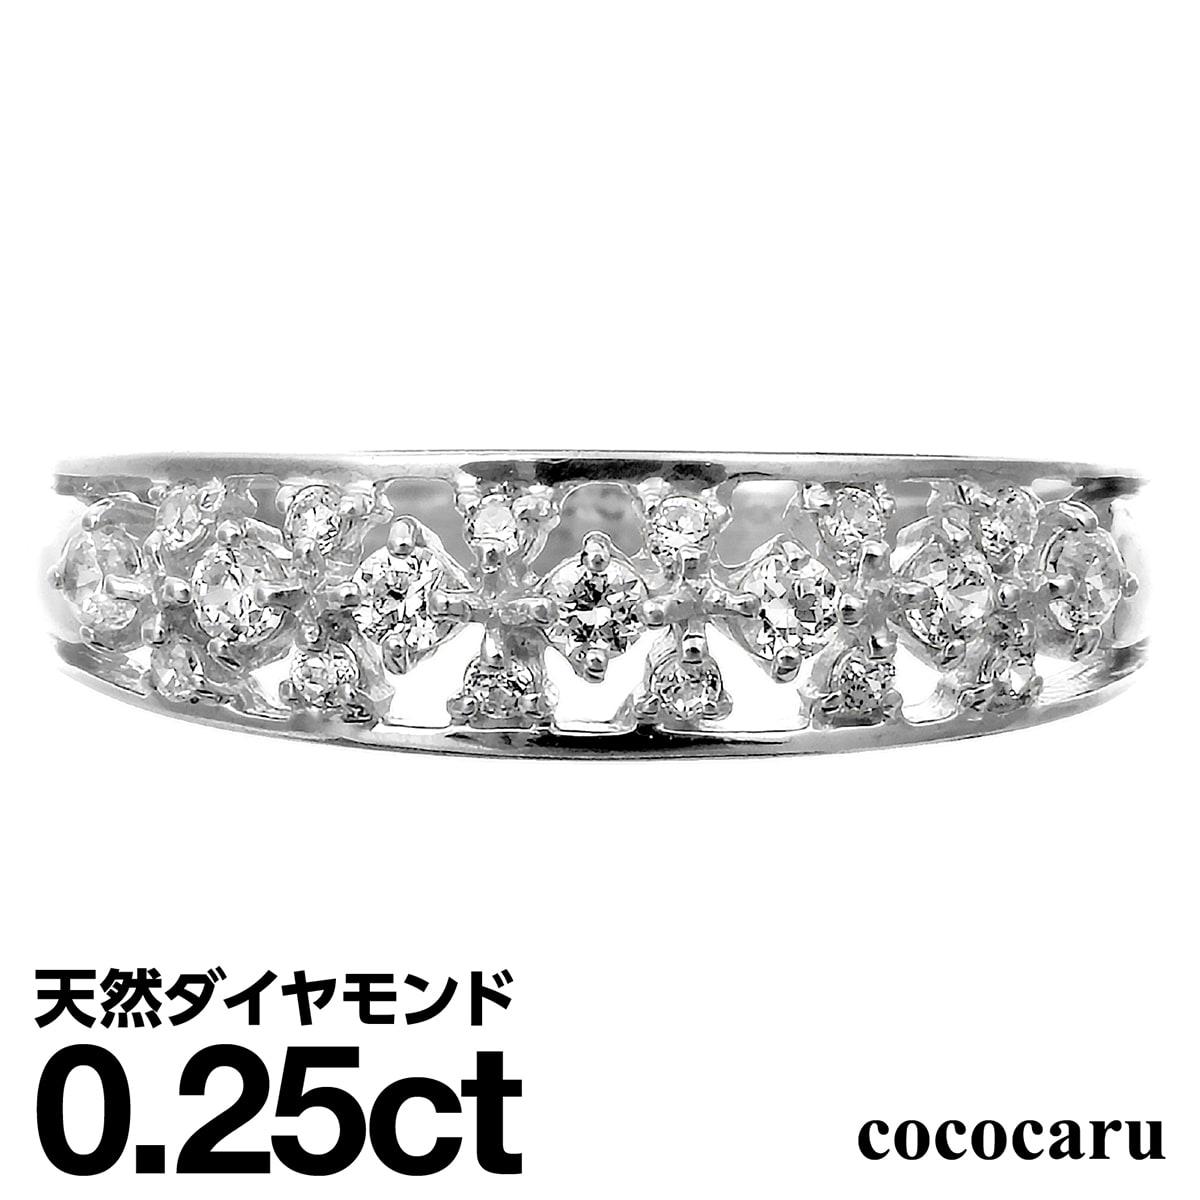 【送料無料】 ダイヤモンド リング プラチナ900 ファッションリング 品質保証書 金属アレルギー 日本製 誕生日 ギフト